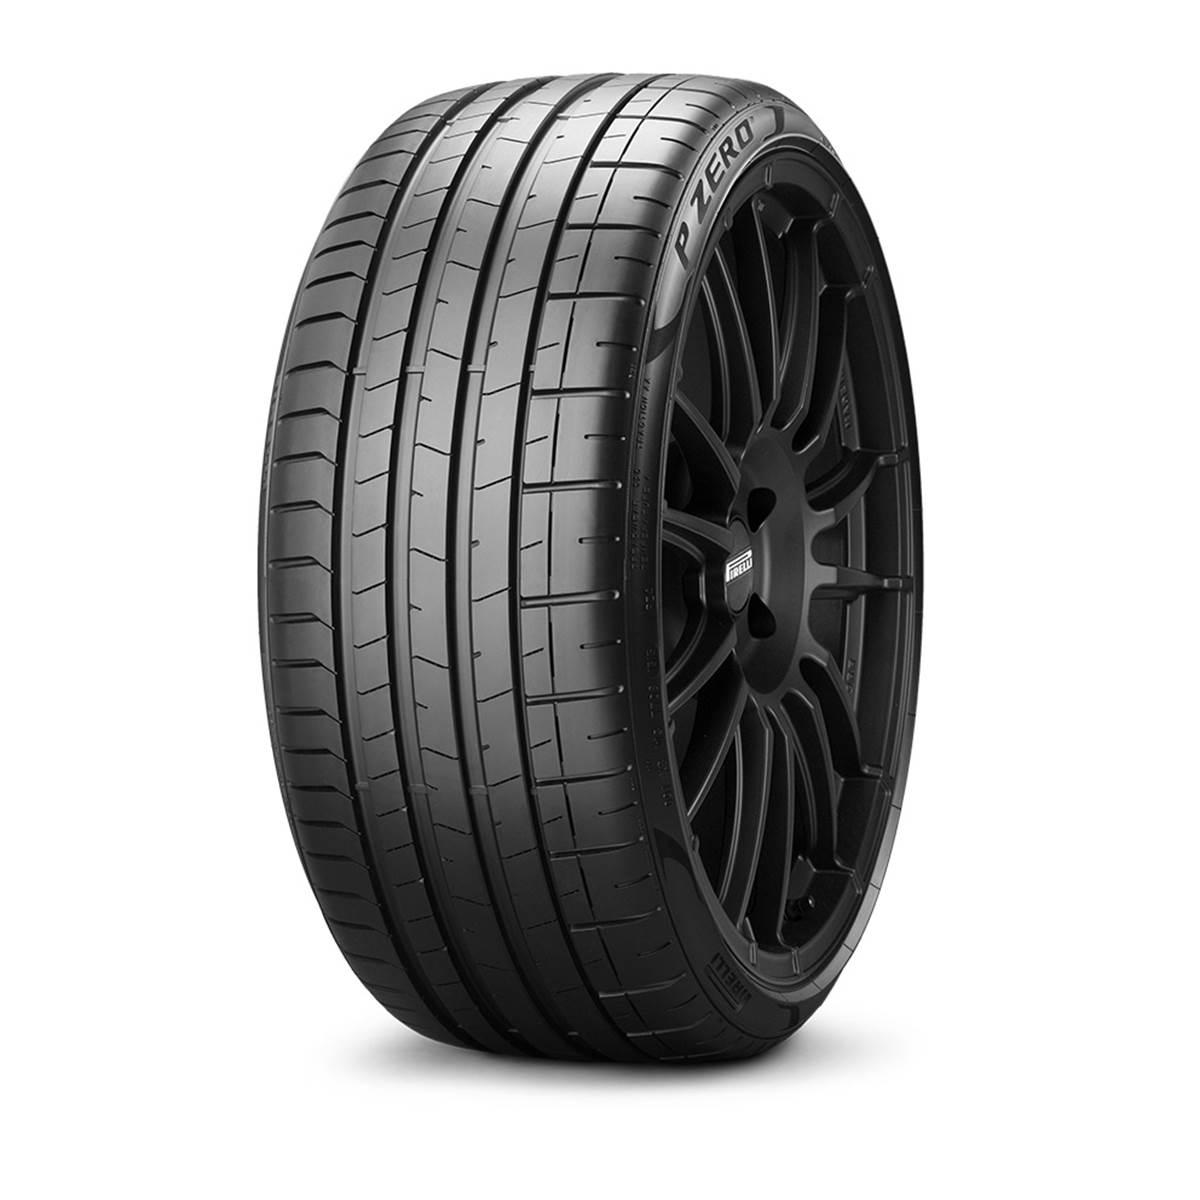 Pneu Pirelli 265/40R19 102Y Pzero XL